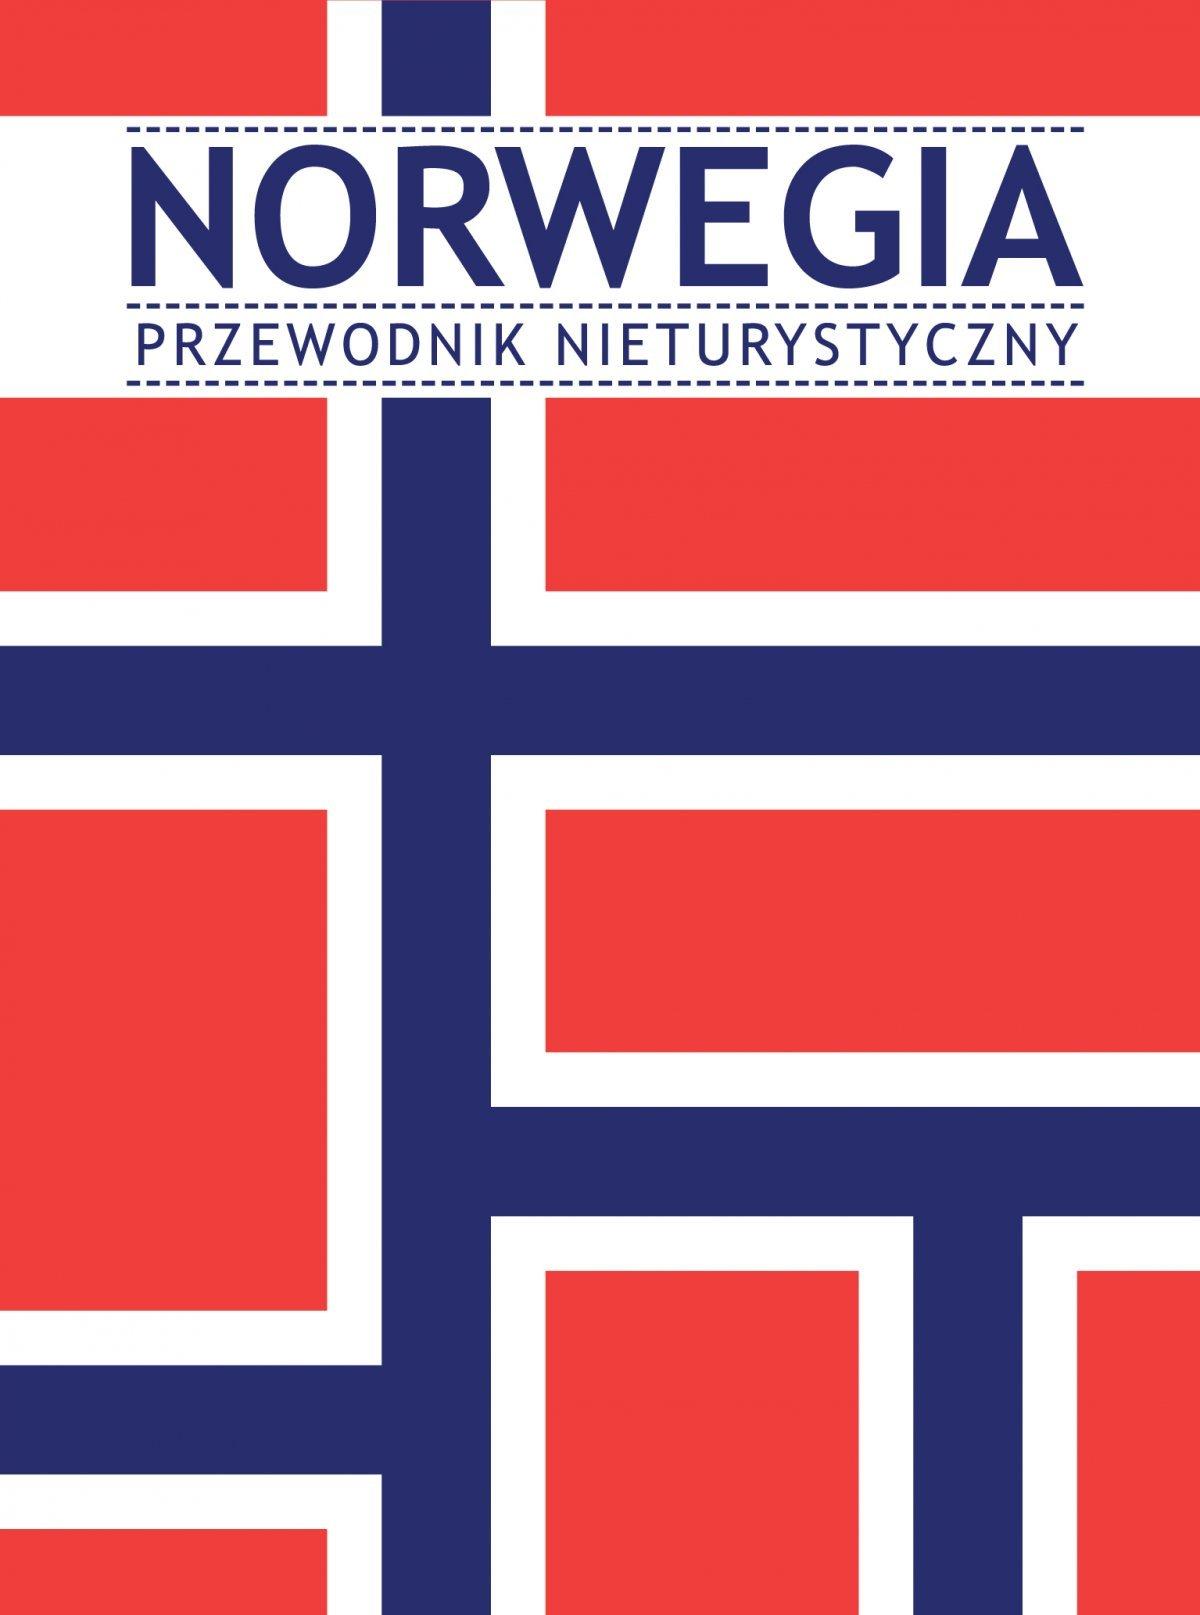 Norwegia. Przewodnik nieturystyczny - Ebook (Książka PDF) do pobrania w formacie PDF